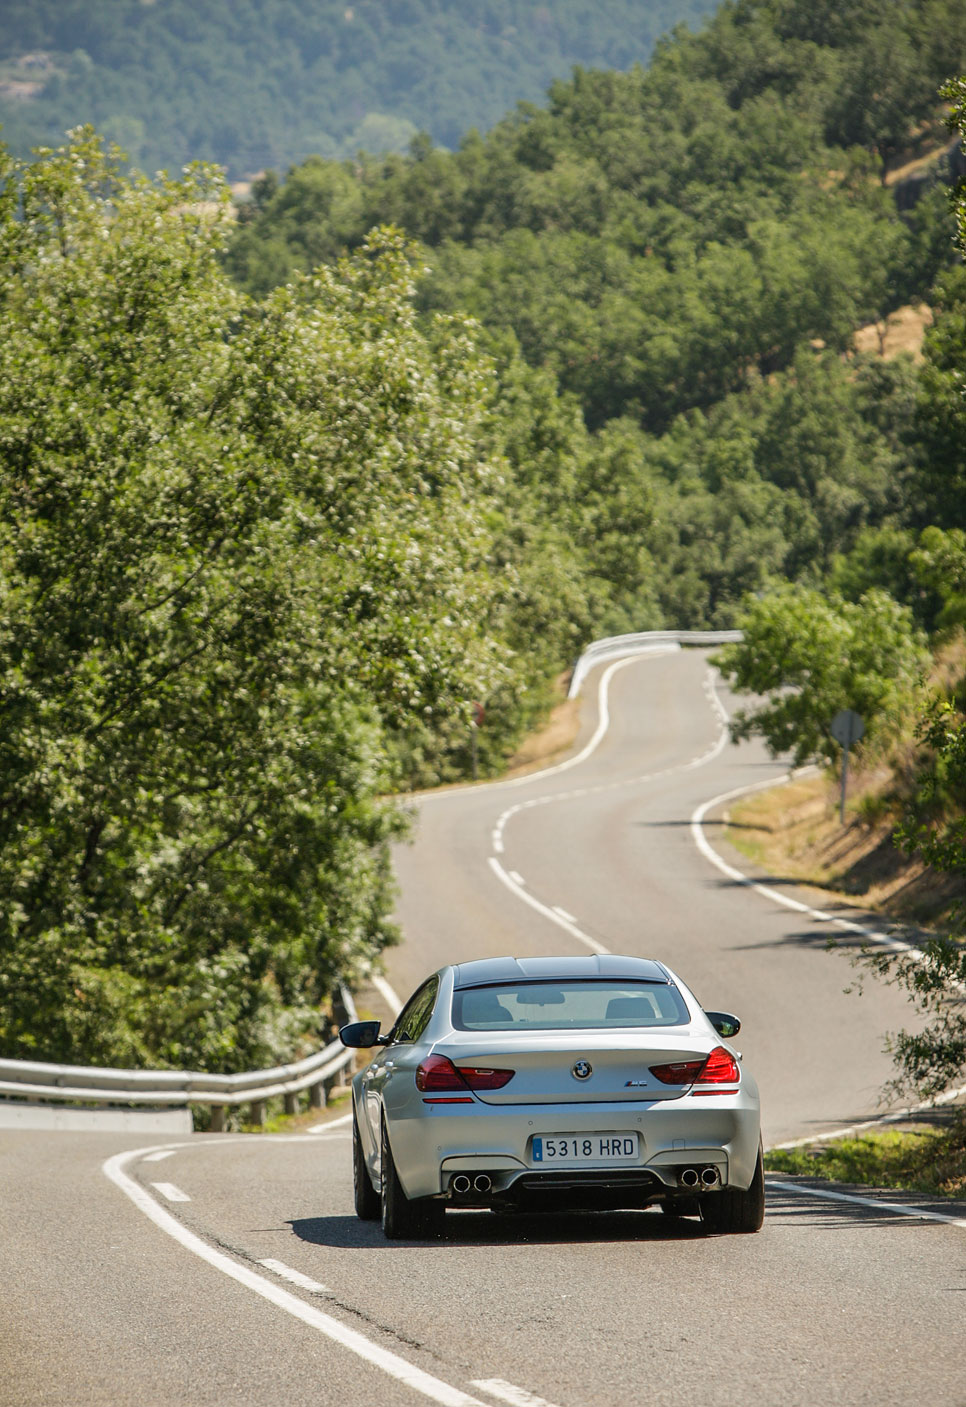 BMW M6 Gran Coupé